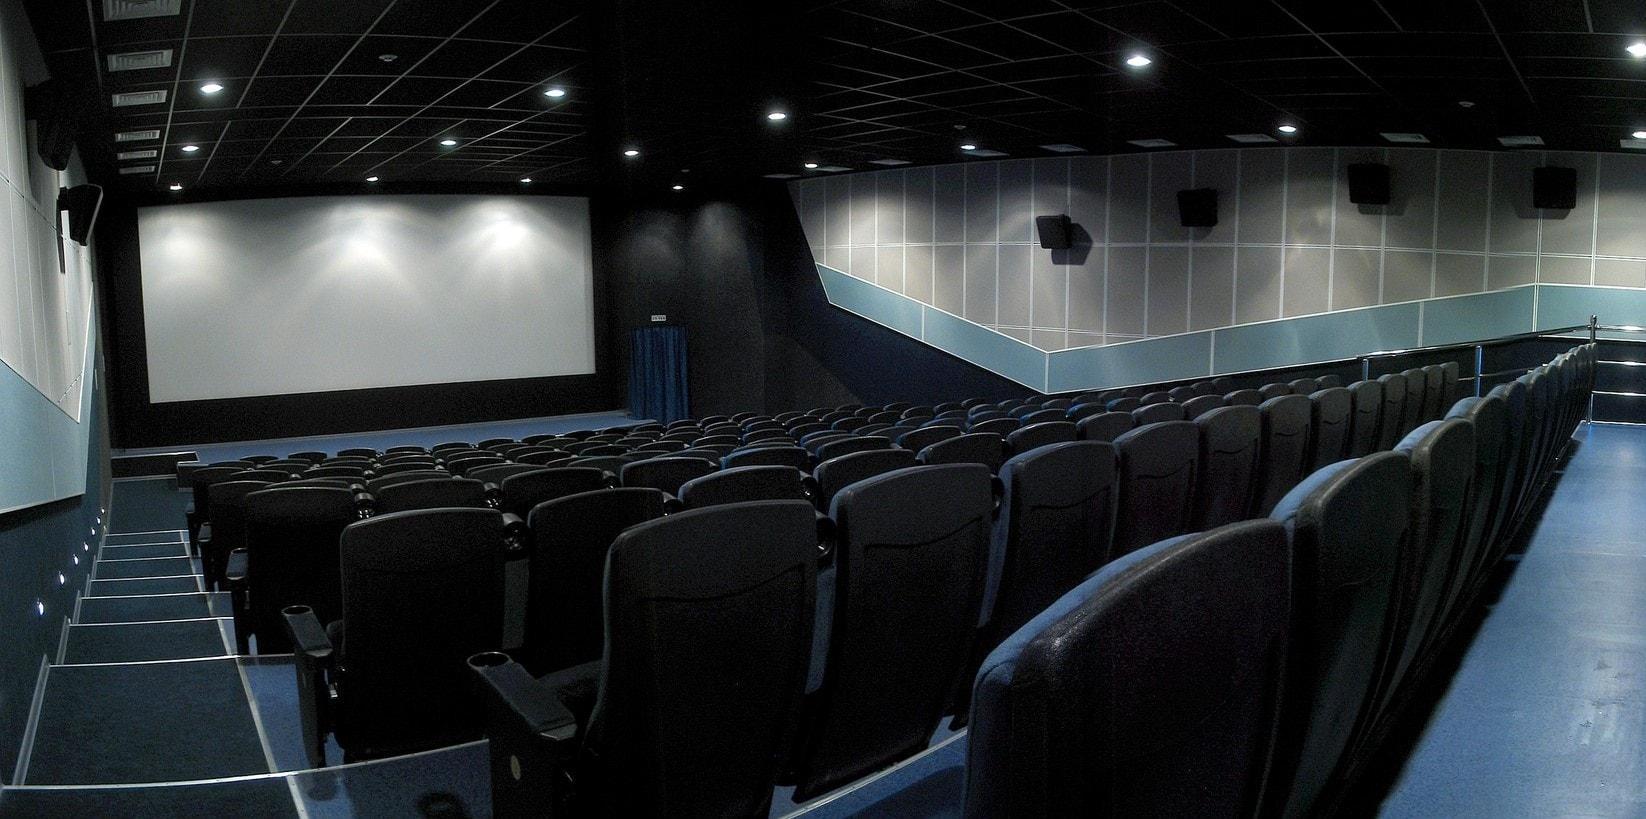 Минкультуры потребовало от кинотеатров адаптировать залы для незрячих и глухих людей